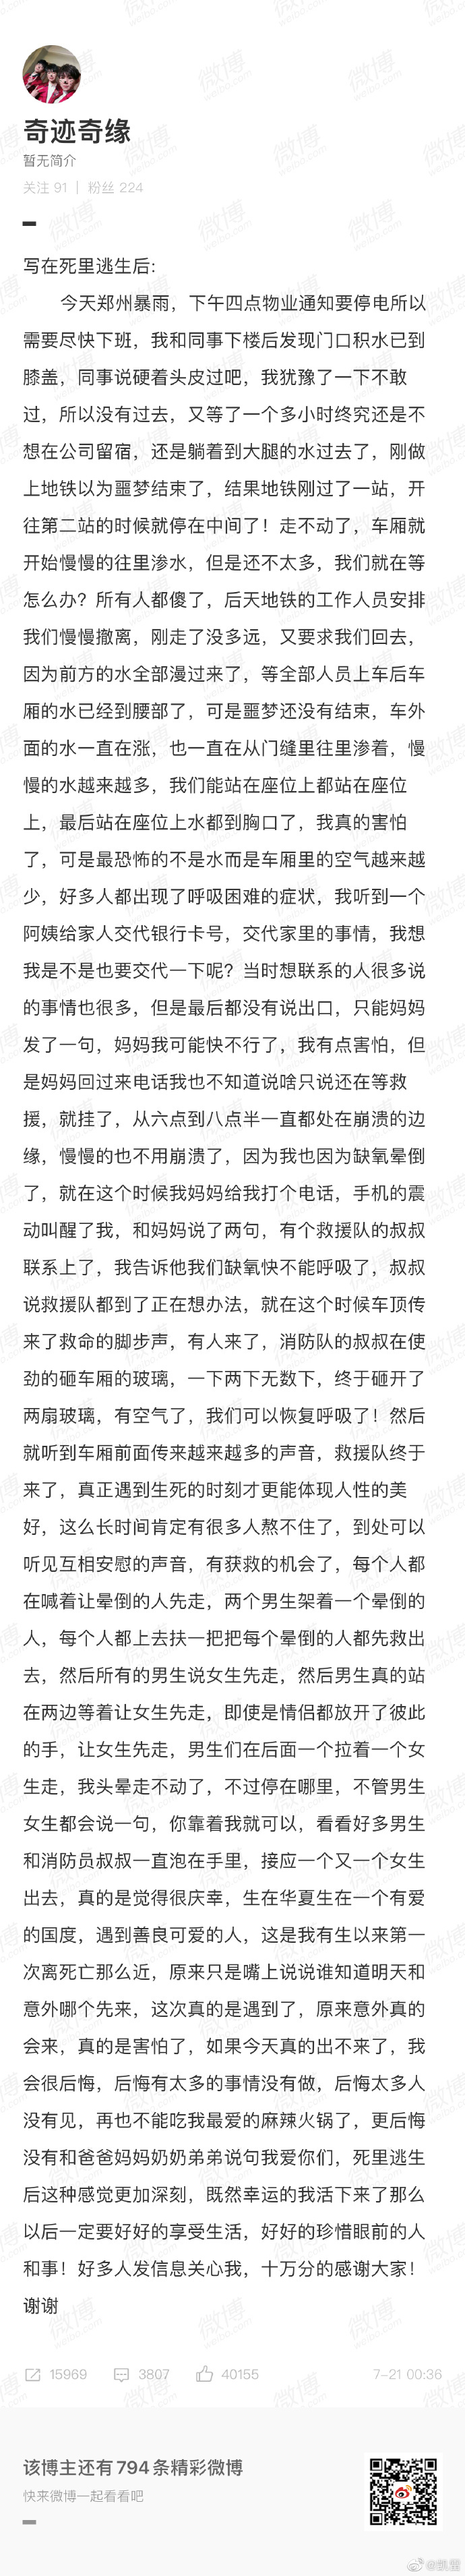 一个郑州女孩《写在死里逃生后》的亲历文字-前方高能